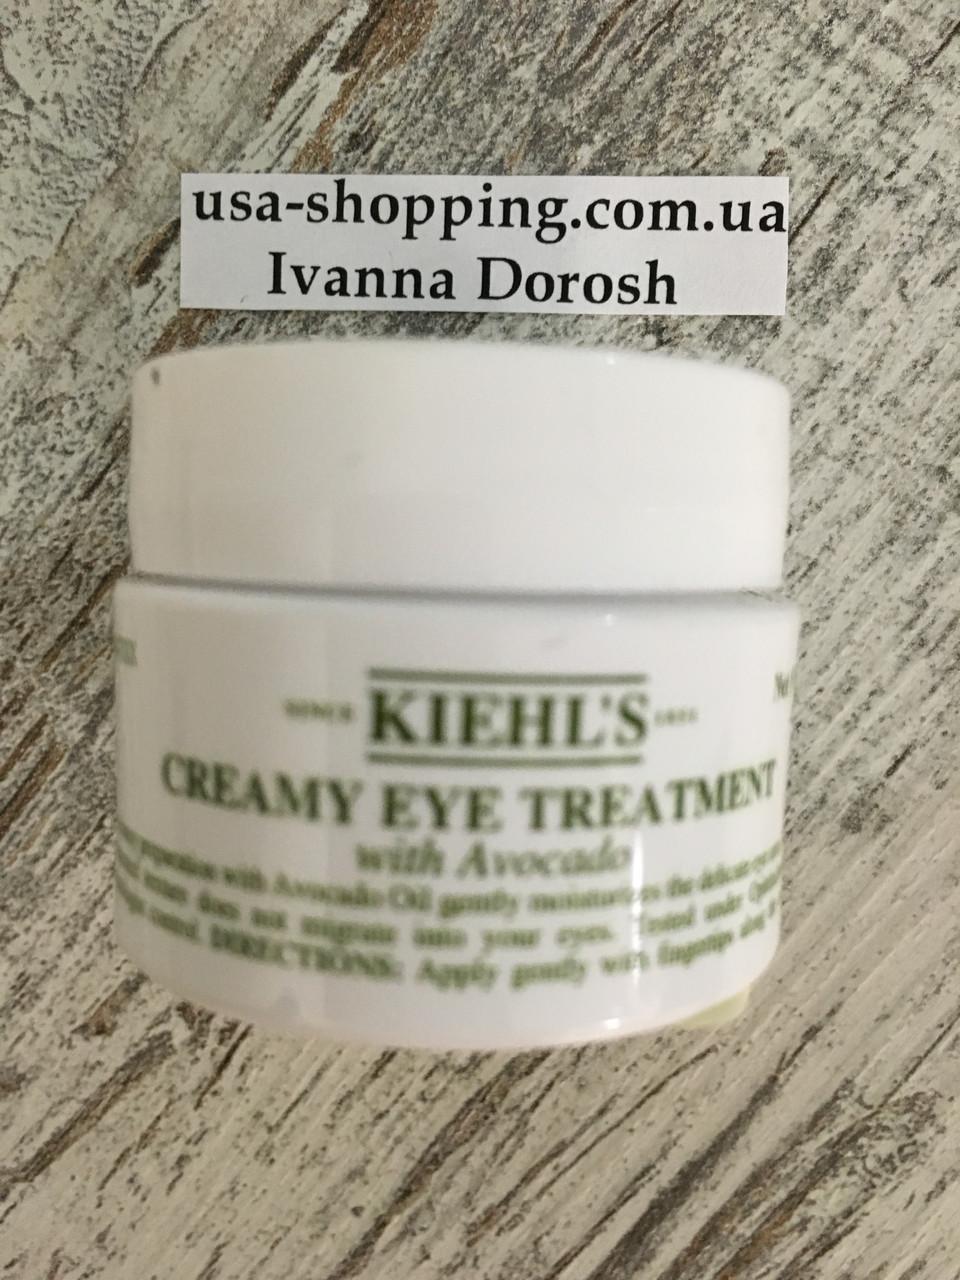 Kiehls крем для кожи вокруг глаз с авокадо